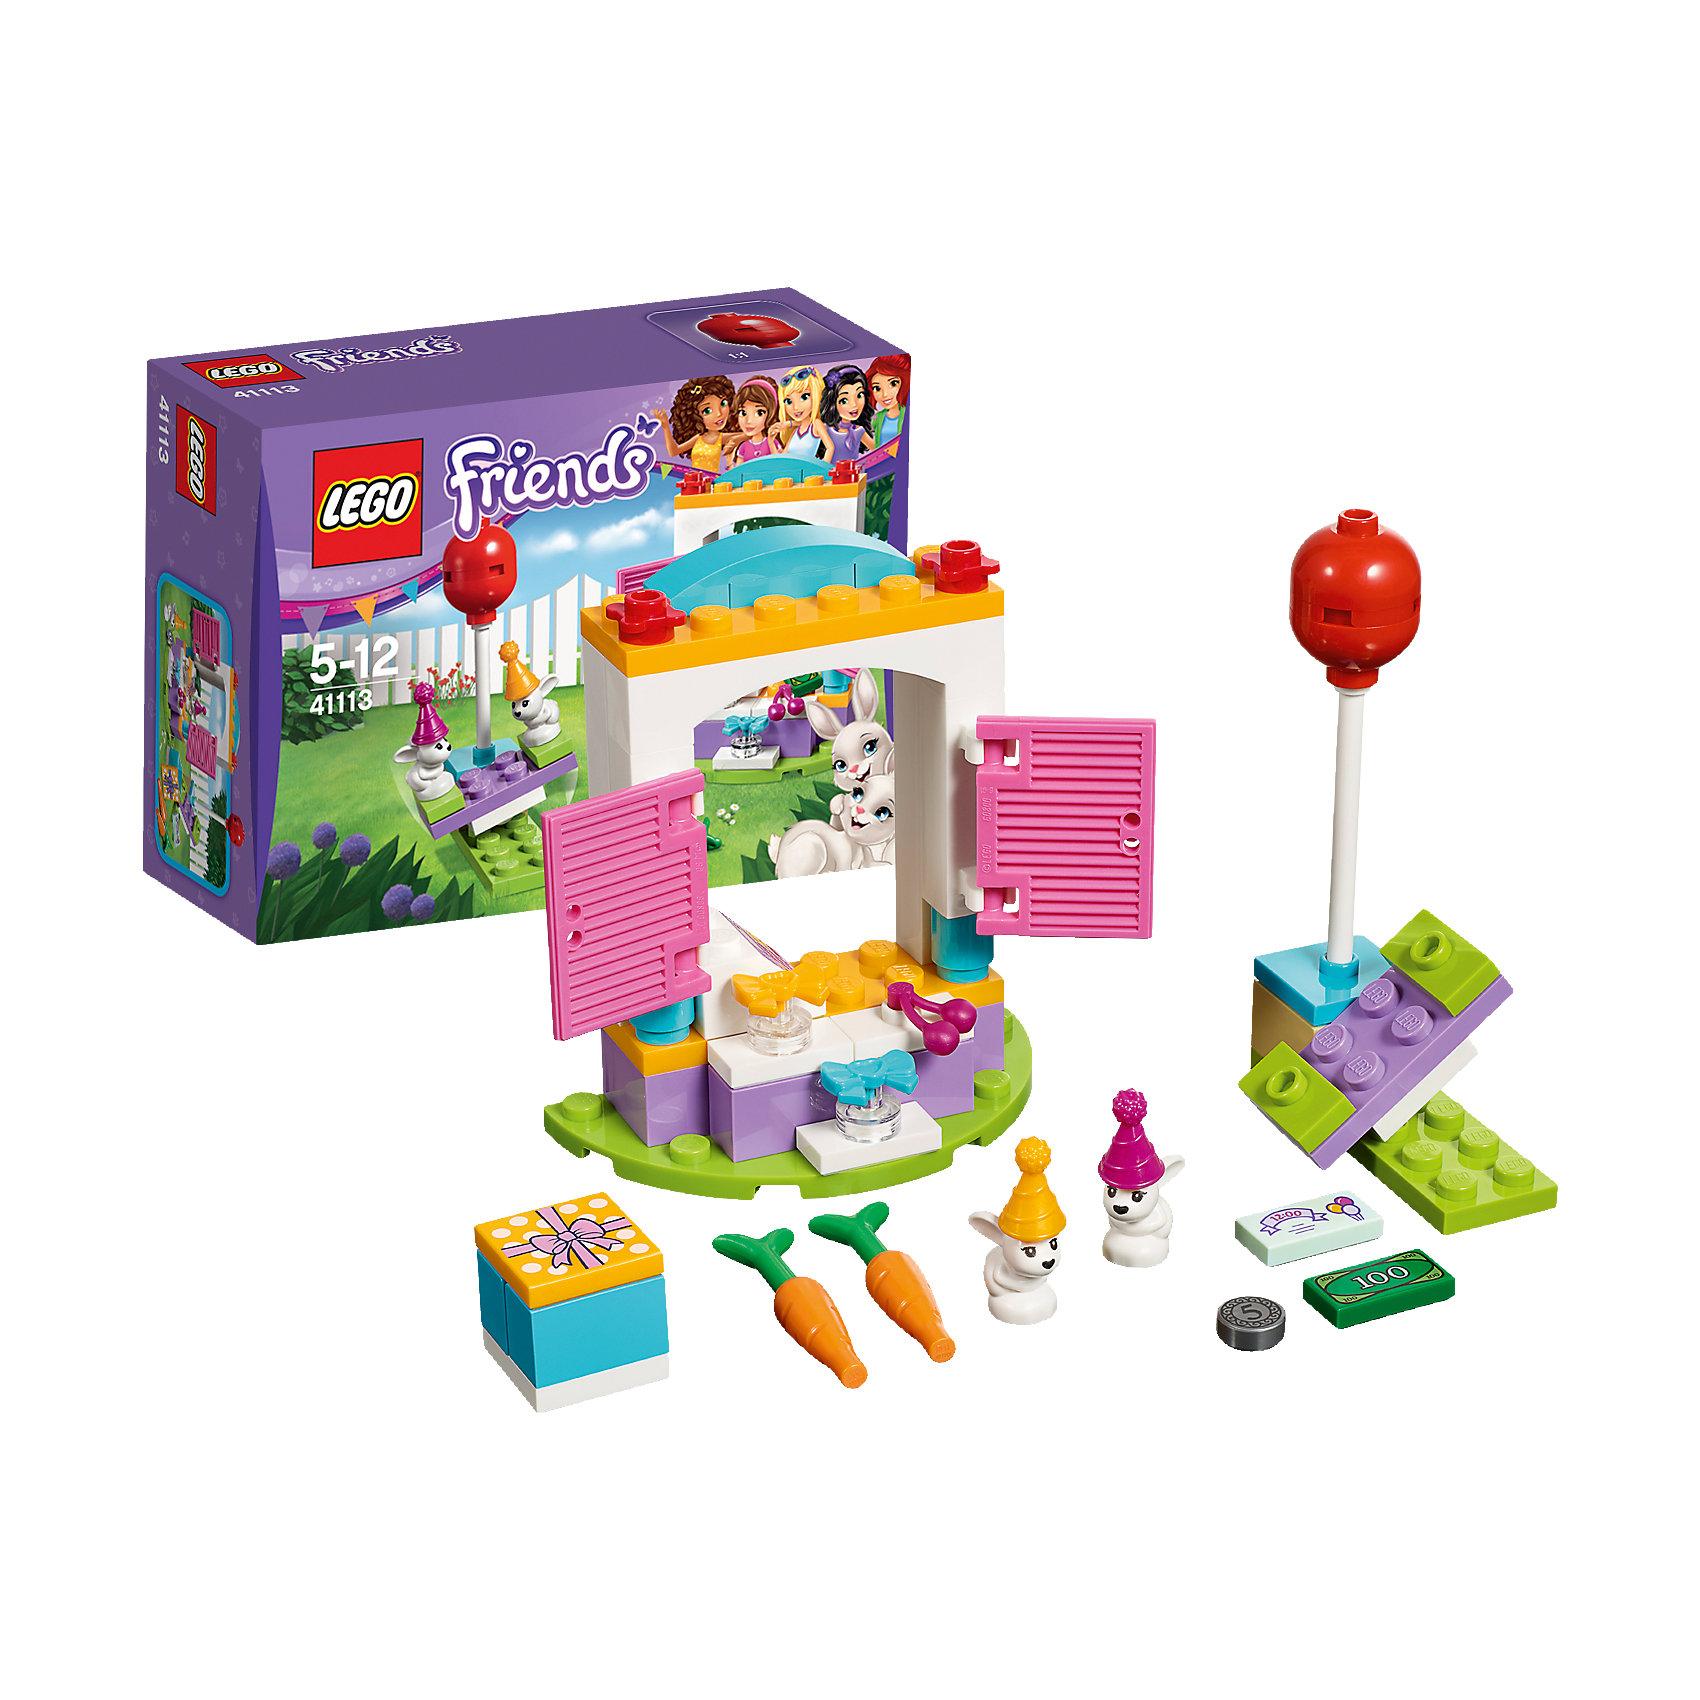 LEGO Friends 41113: День рождения: магазин подарков